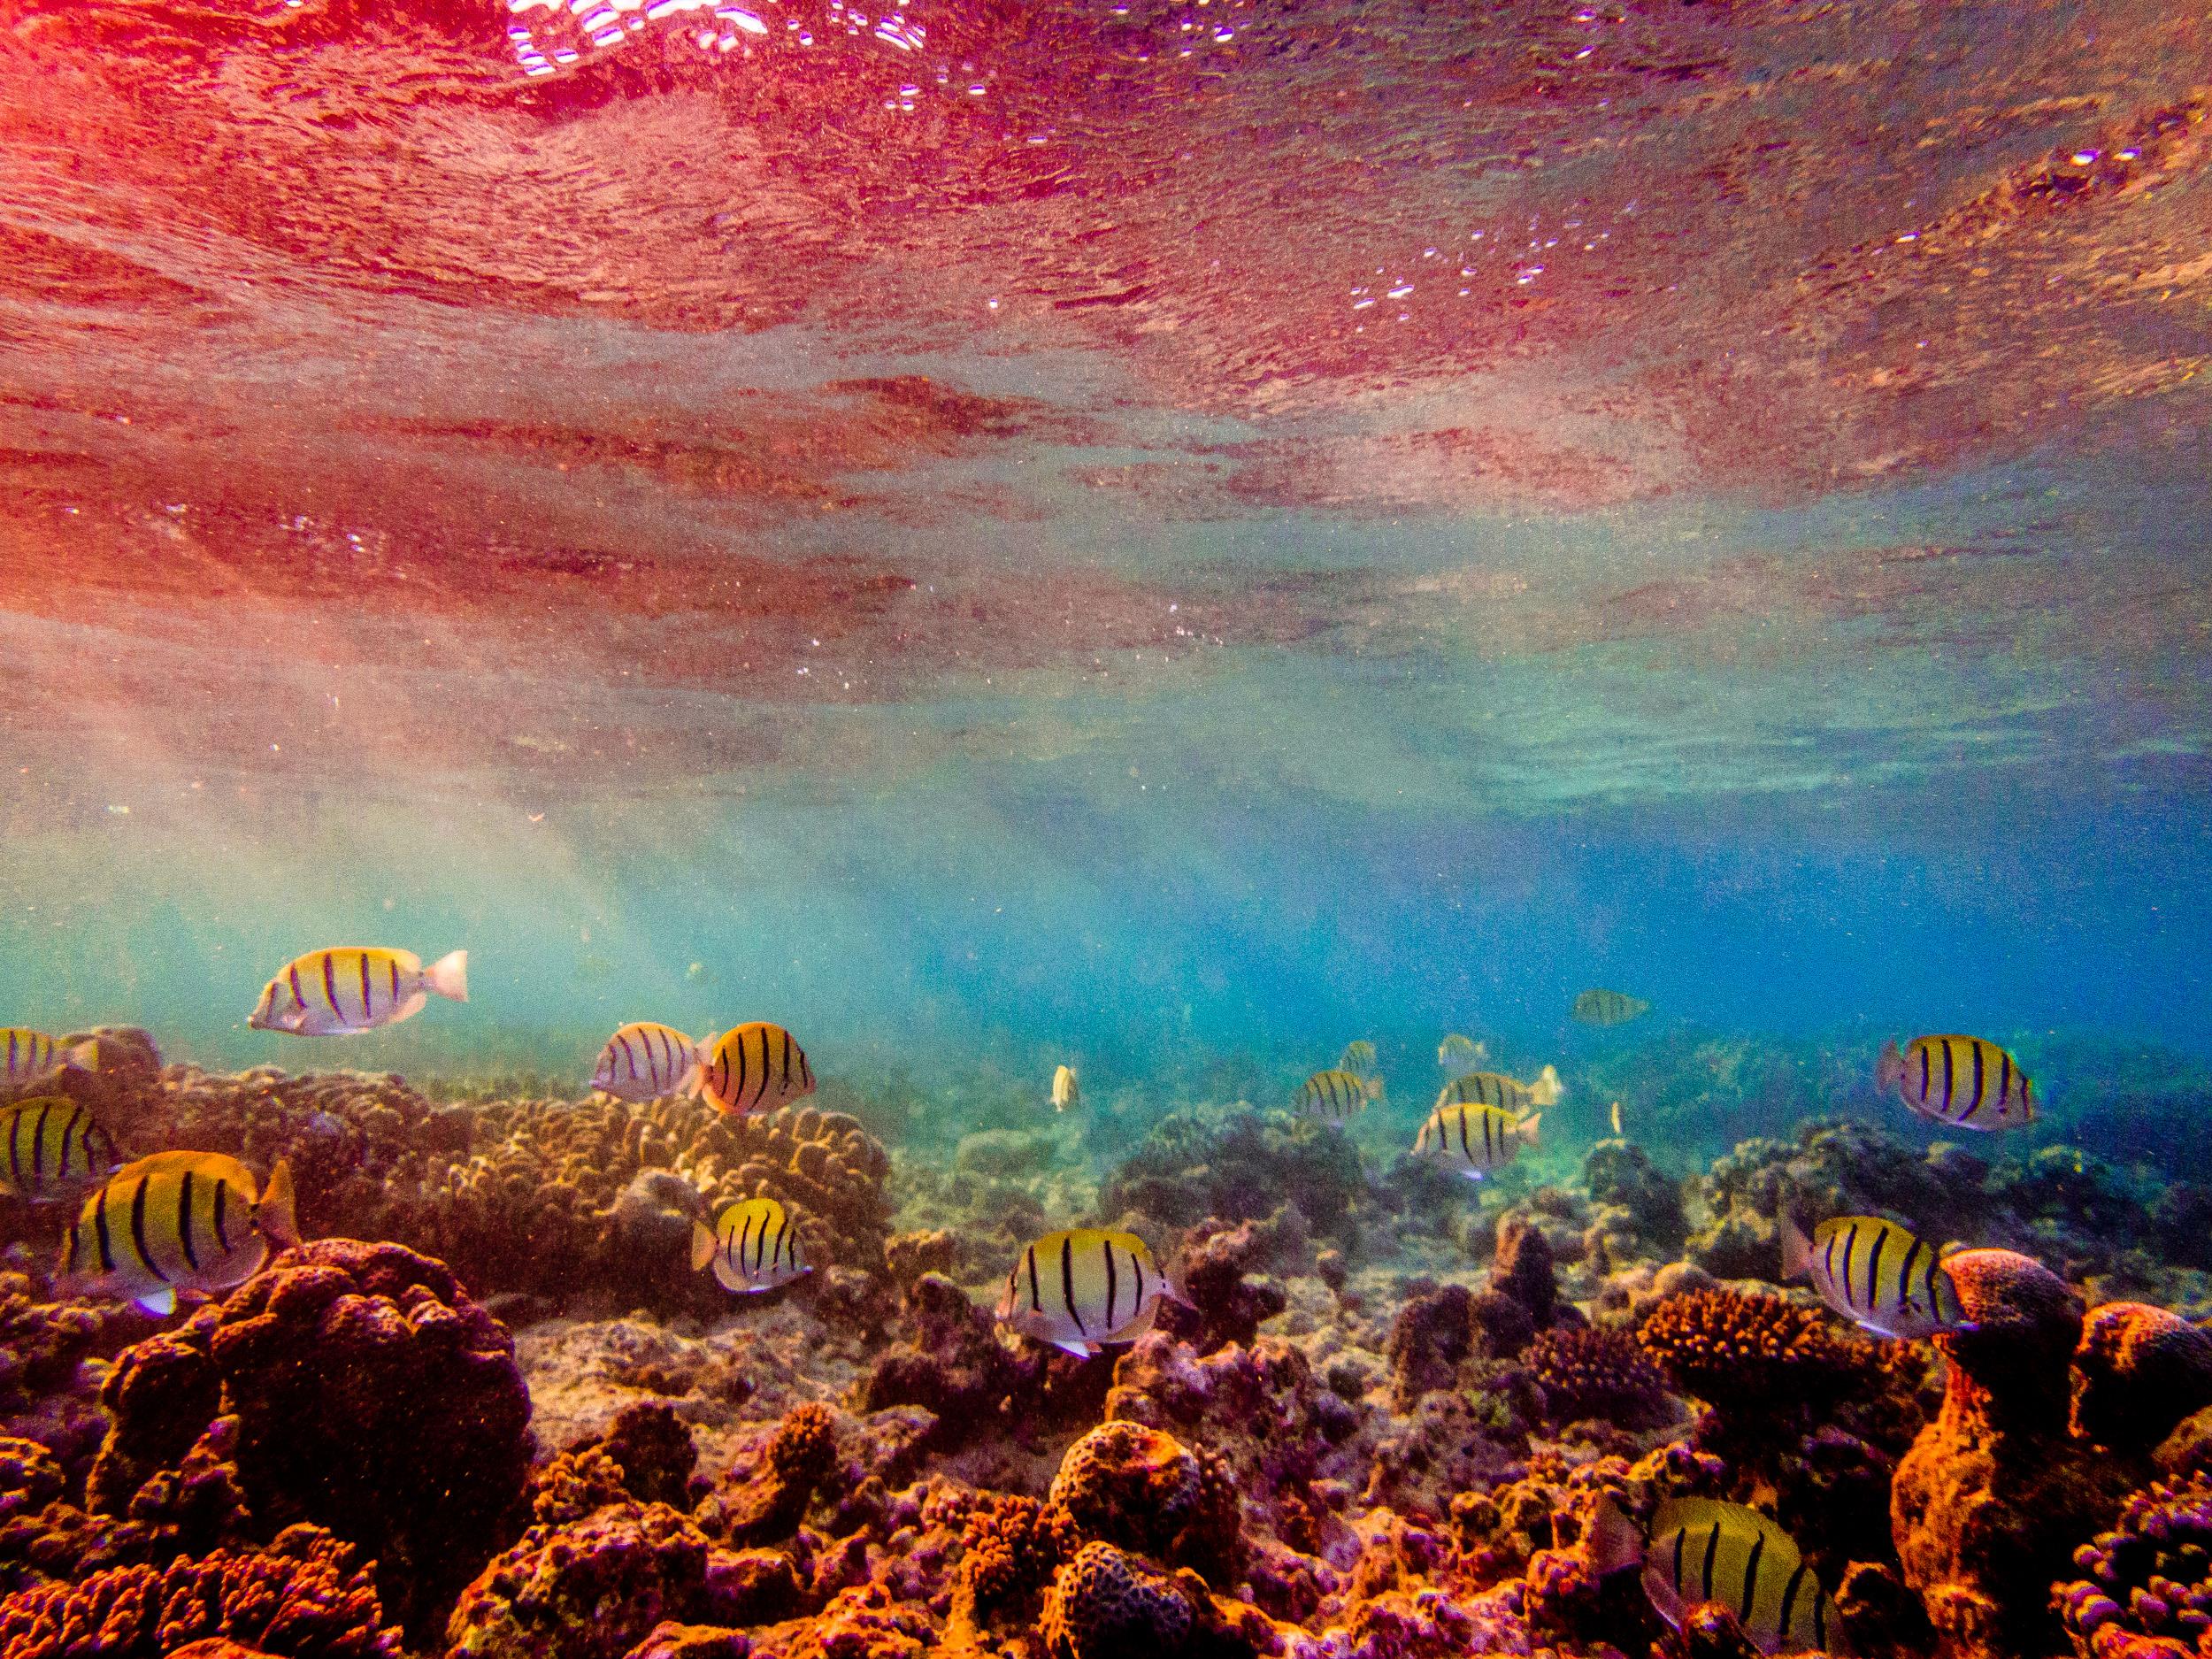 Spyrides_Kyle_Ningaloo_Reef_Sal_Salis.13.5.2016P5131847.jpg